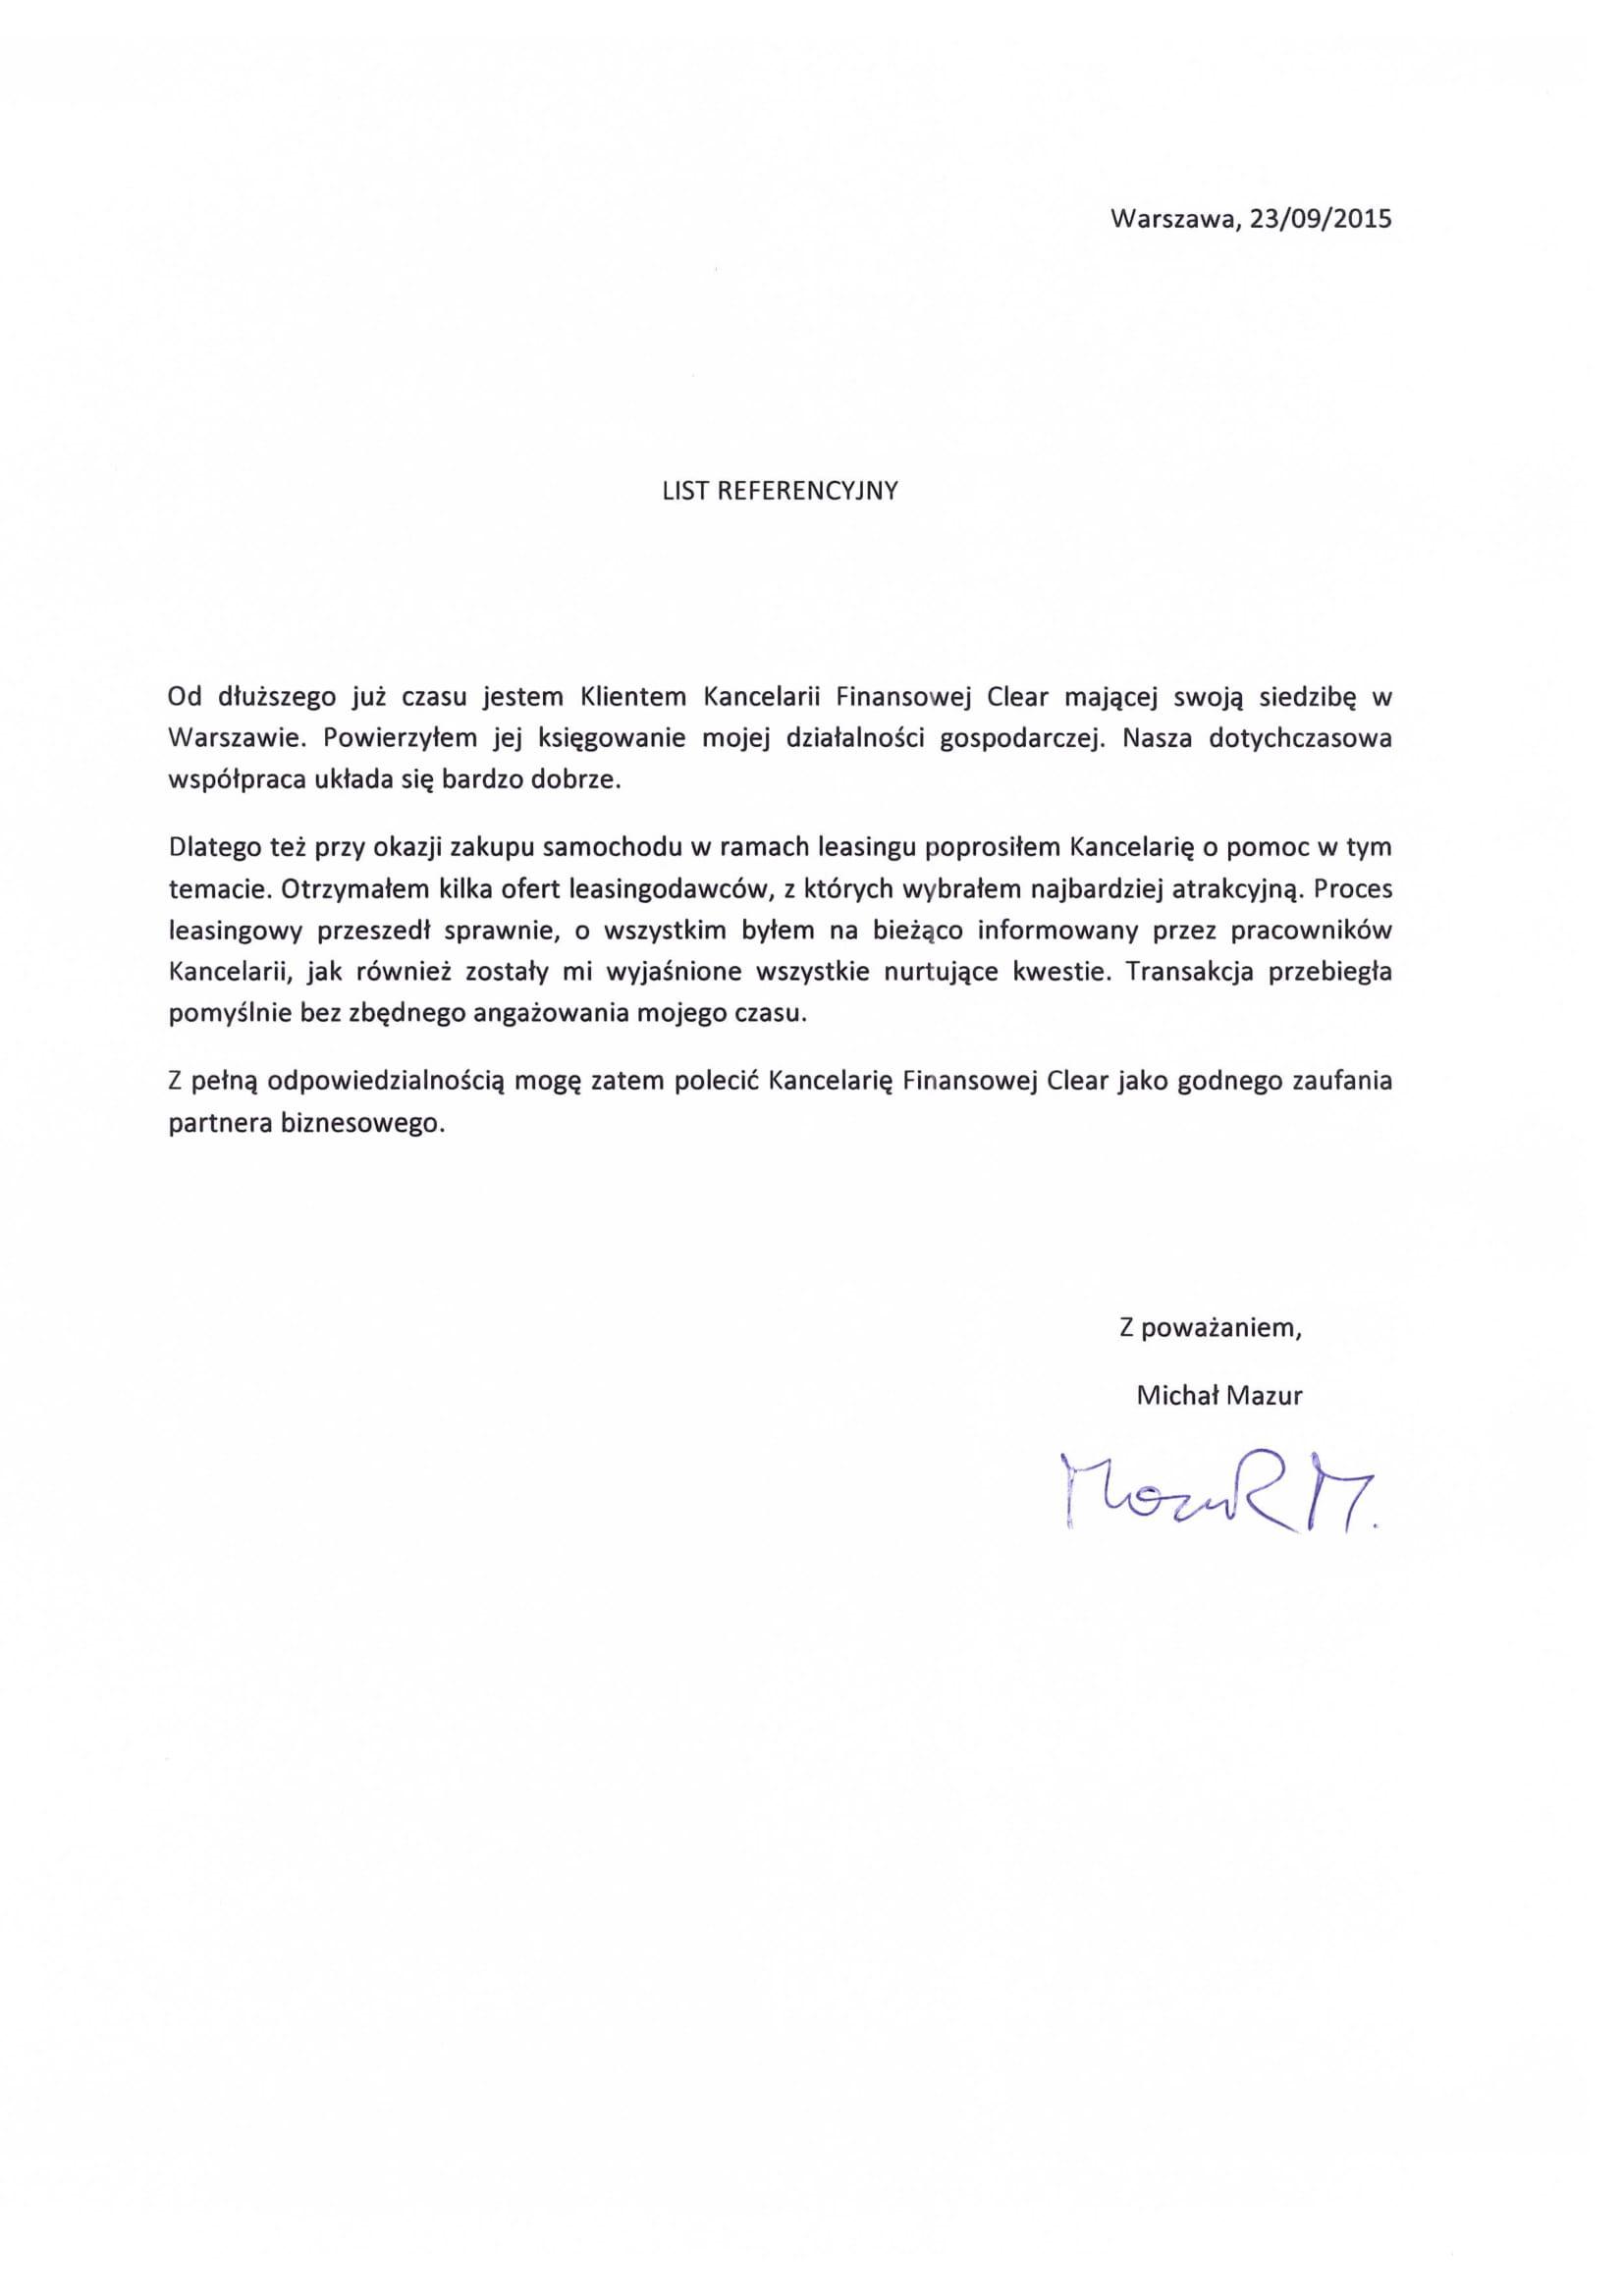 referencje dla kancelarii clear warszawa Michał Mazur-1